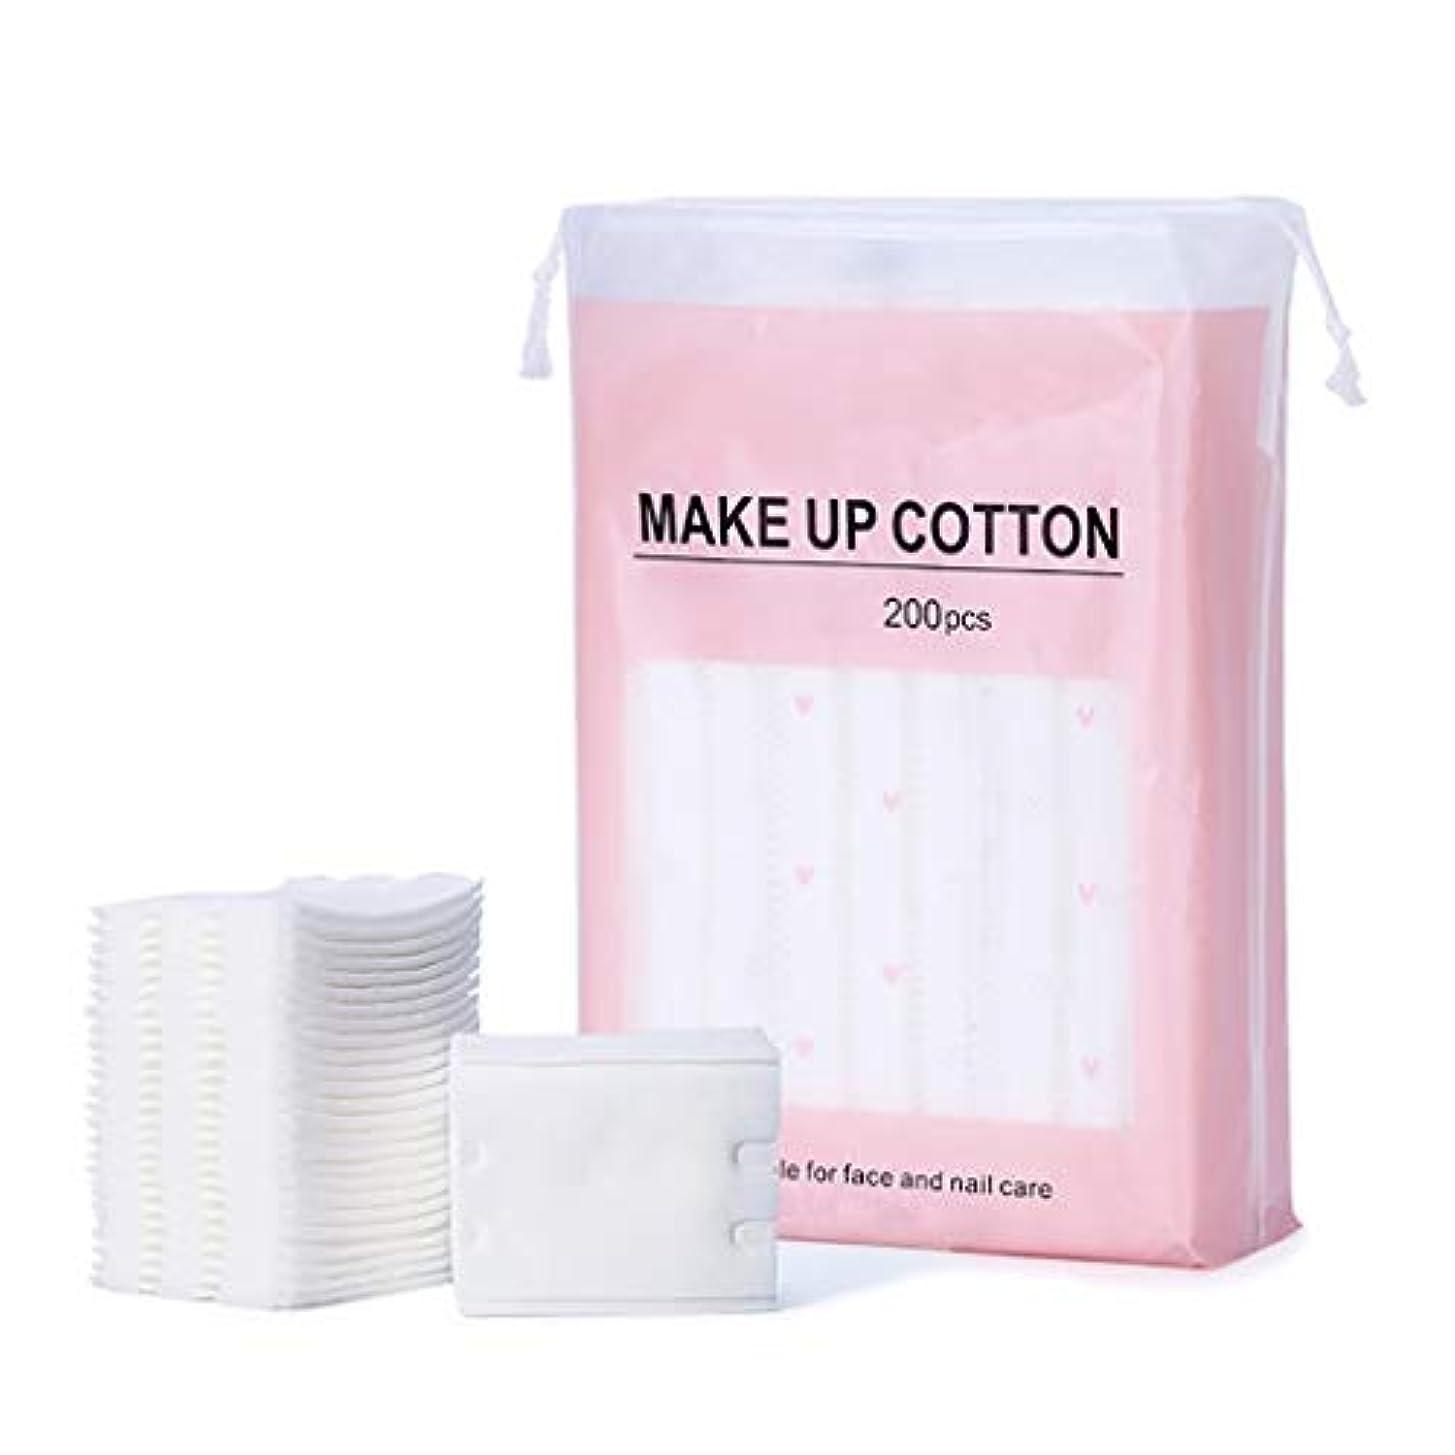 擬人化インク光クレンジングシート 200ピース三層化粧品コットンパッド拭きナチュラル毎日用品フェイシャルコットンメイク落としツール (Color : White)